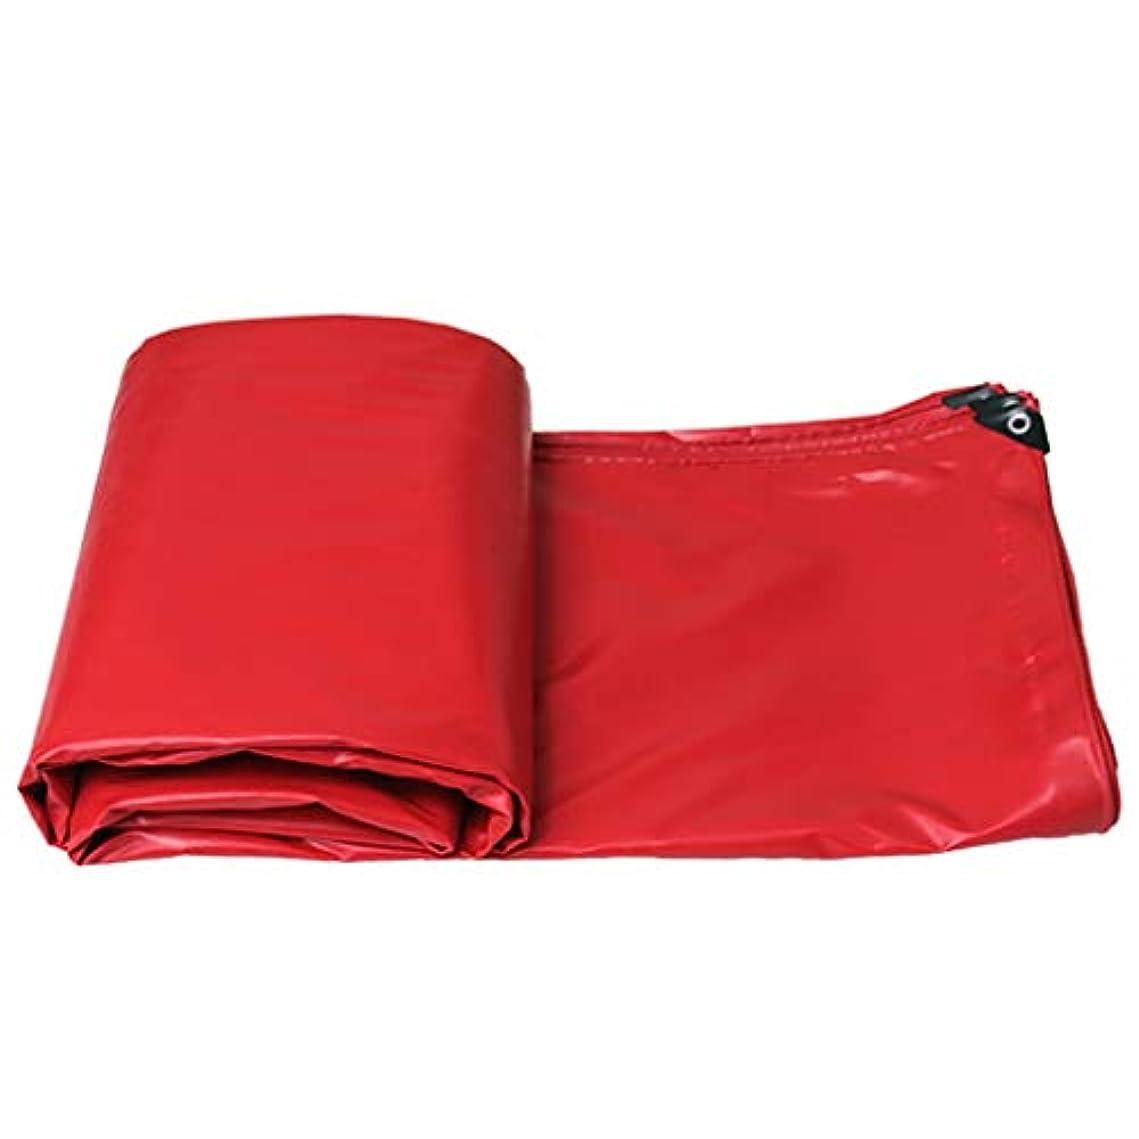 早める考え素子タープ 太陽と雨のためのテントタープ、PVCコーティング布ターポリン、抗酸化カビ防止引裂抵抗 テント (Color : Red, Size : 5m×7m)